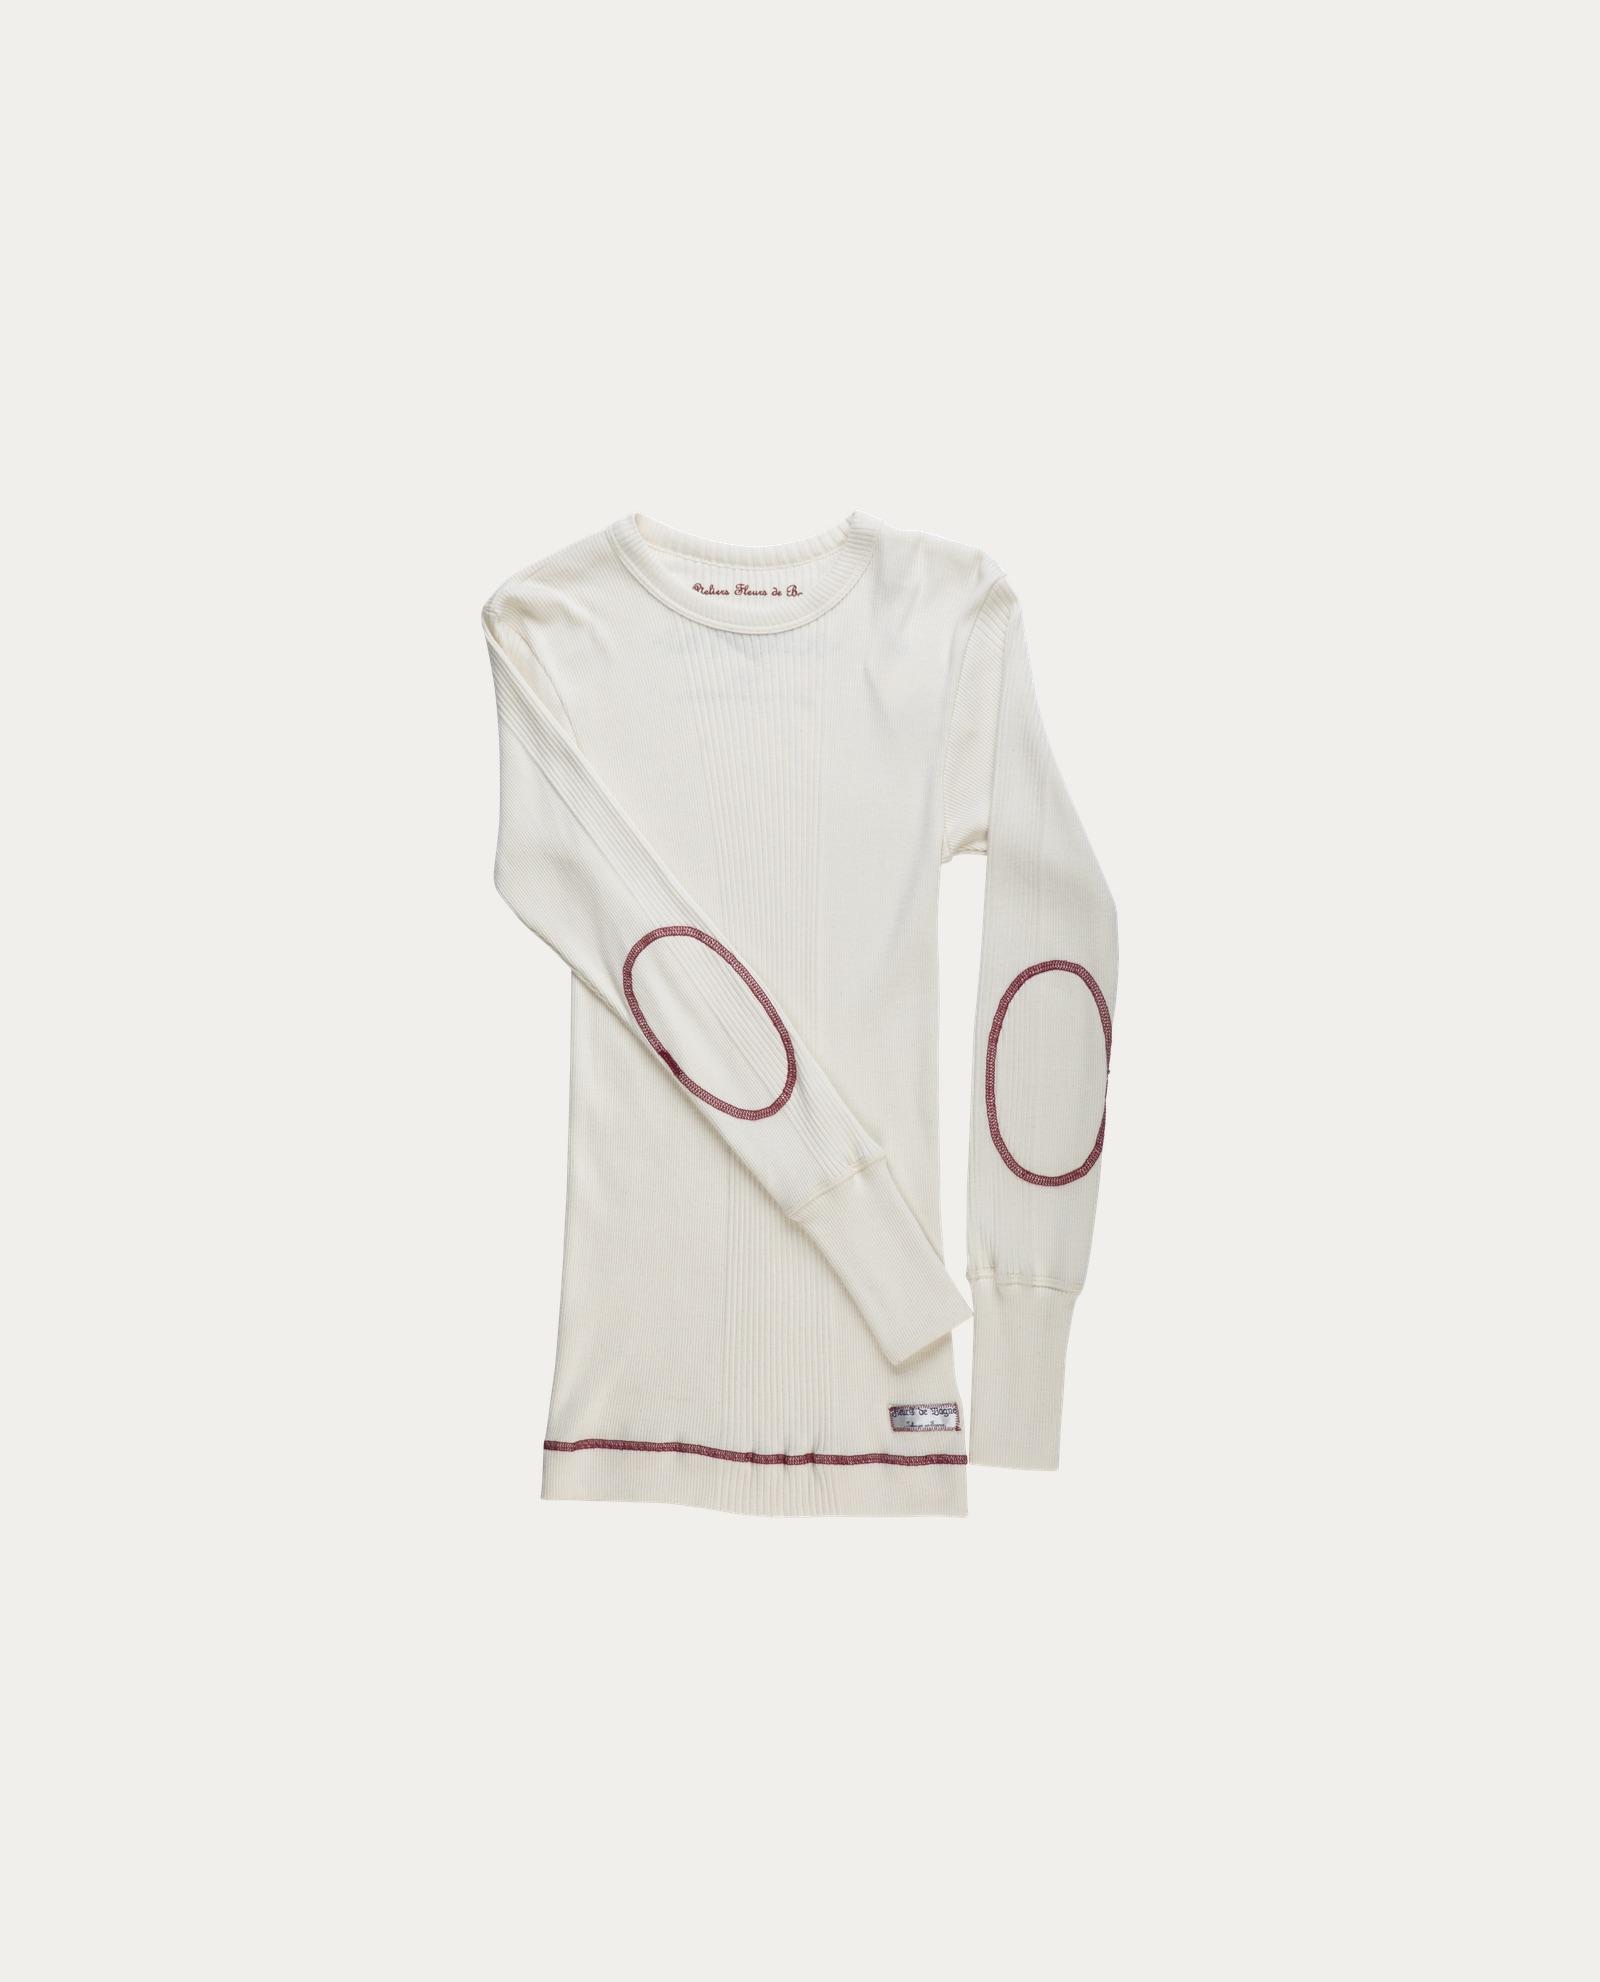 Fleurs De Bagne Tee Shirt Le Pegriot Concept Store Barbier